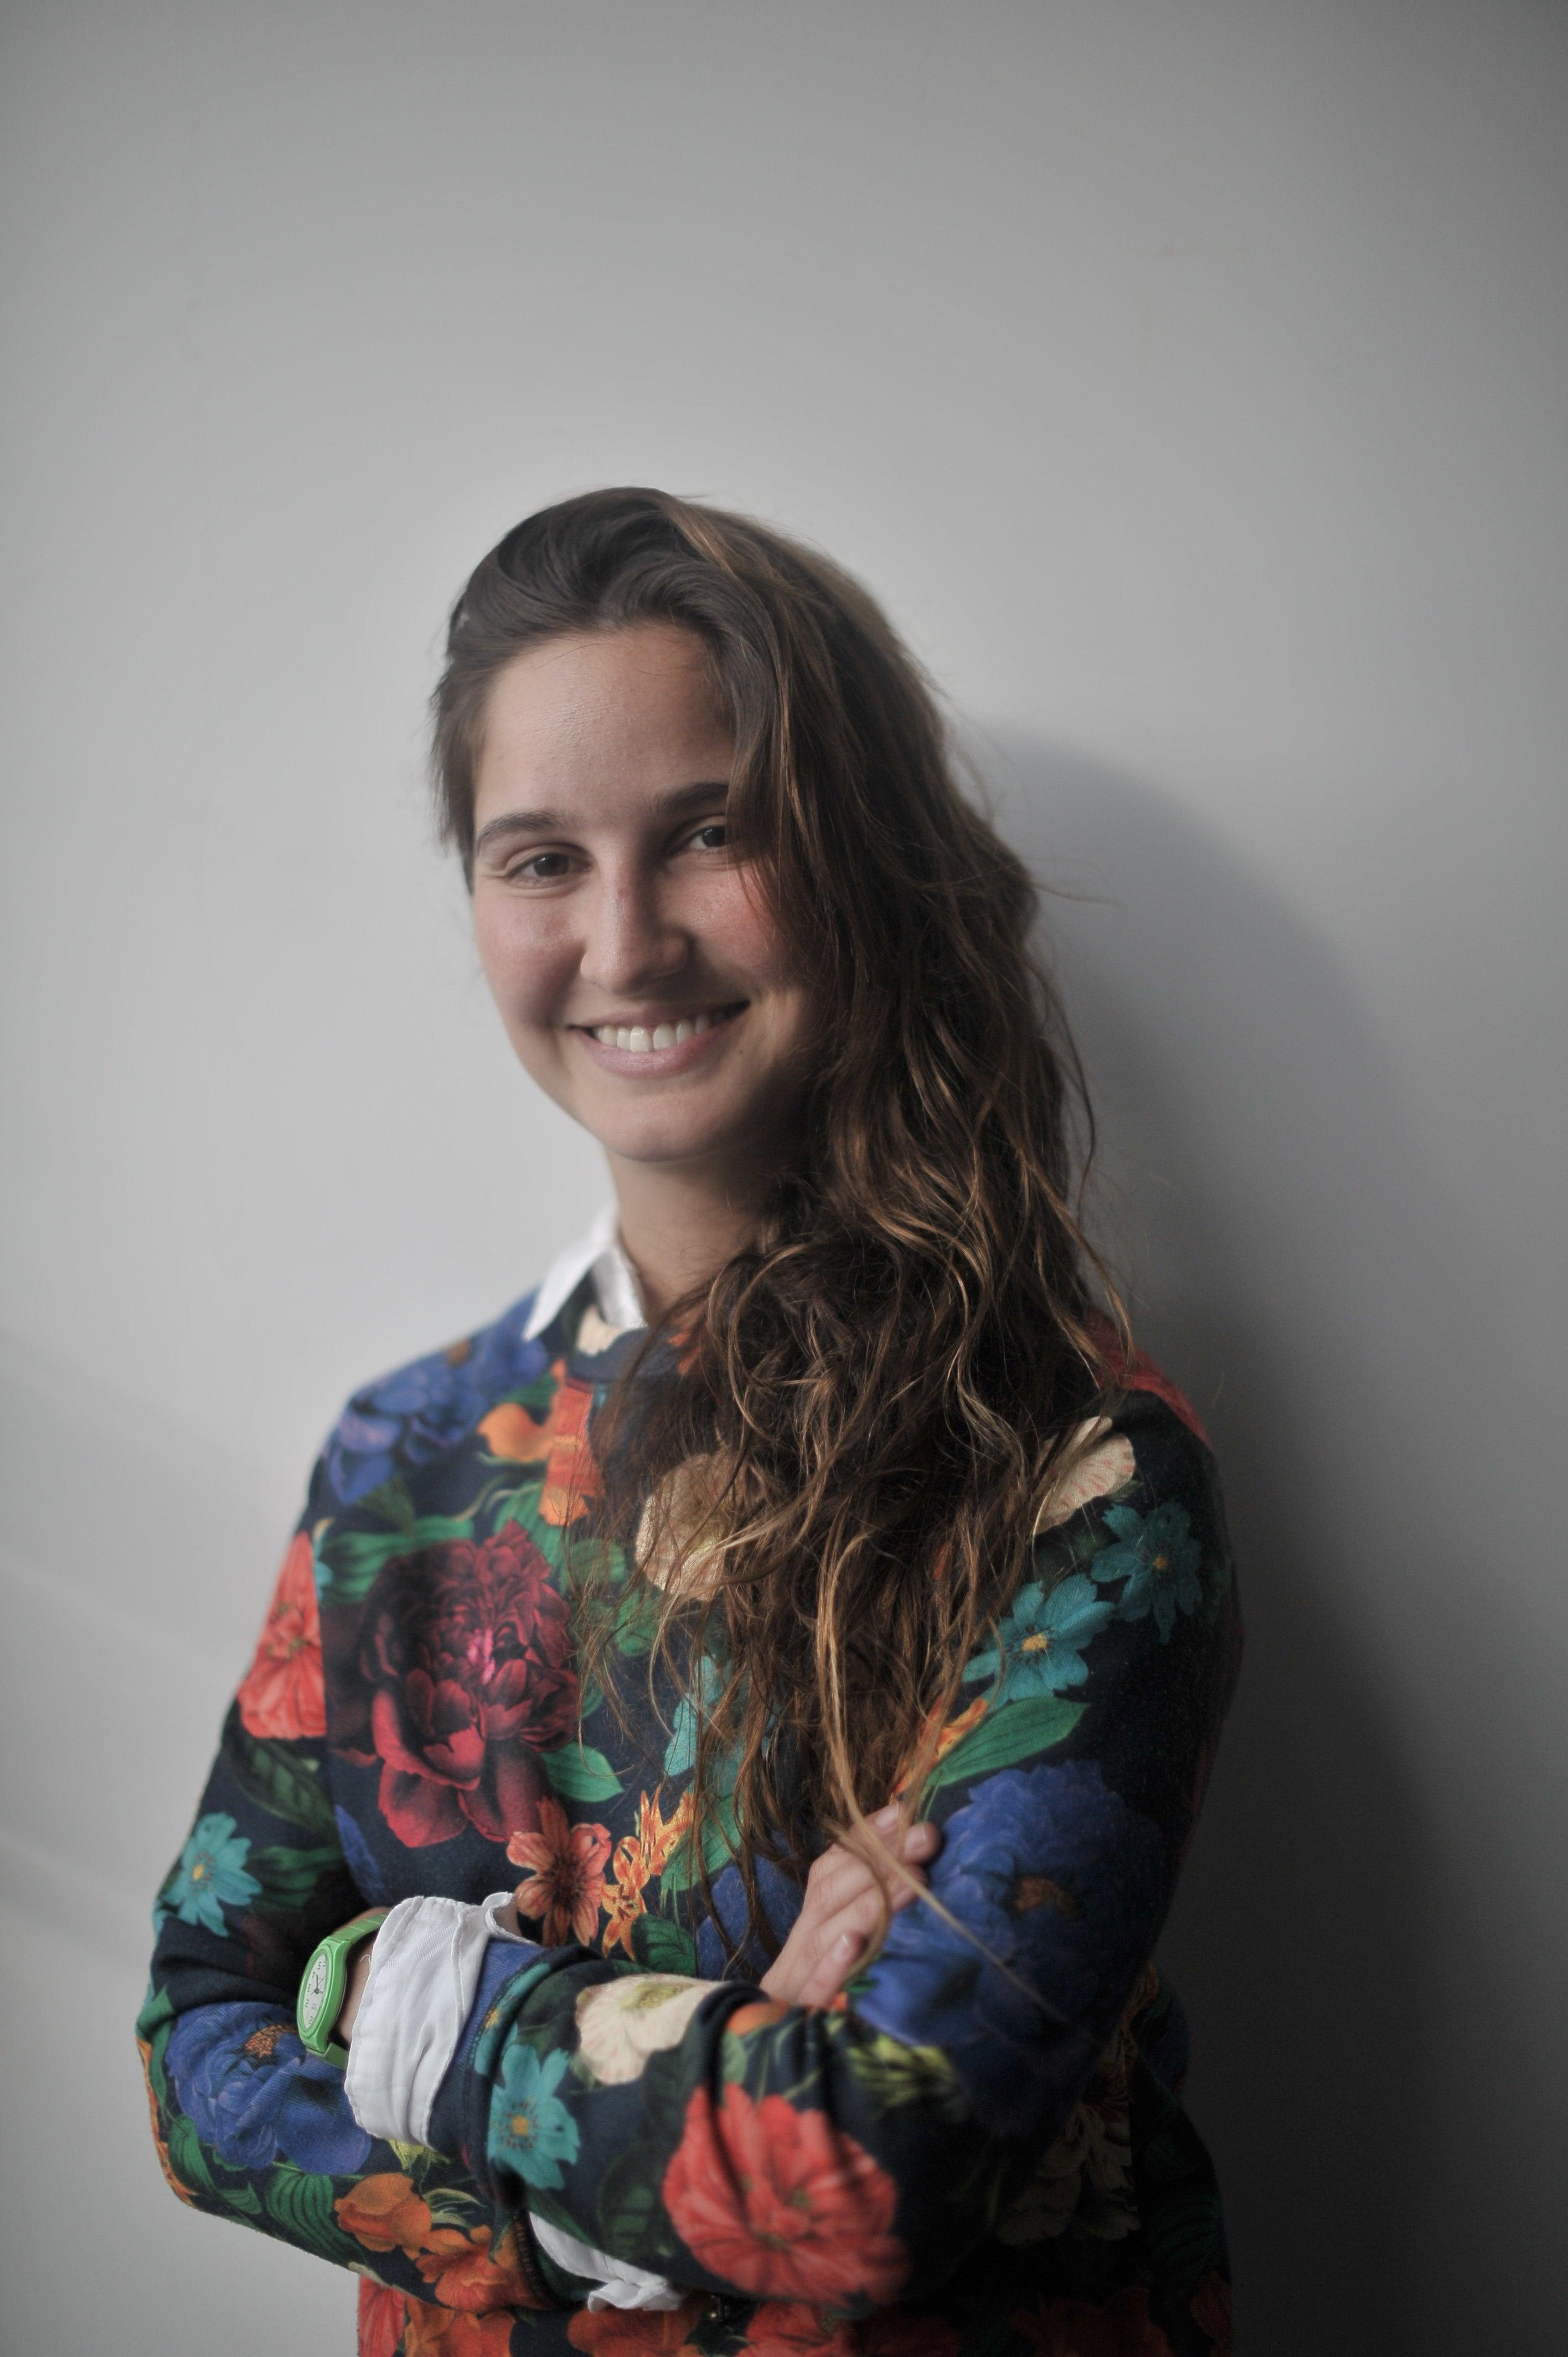 Maria Paulina Baena Jaramillo